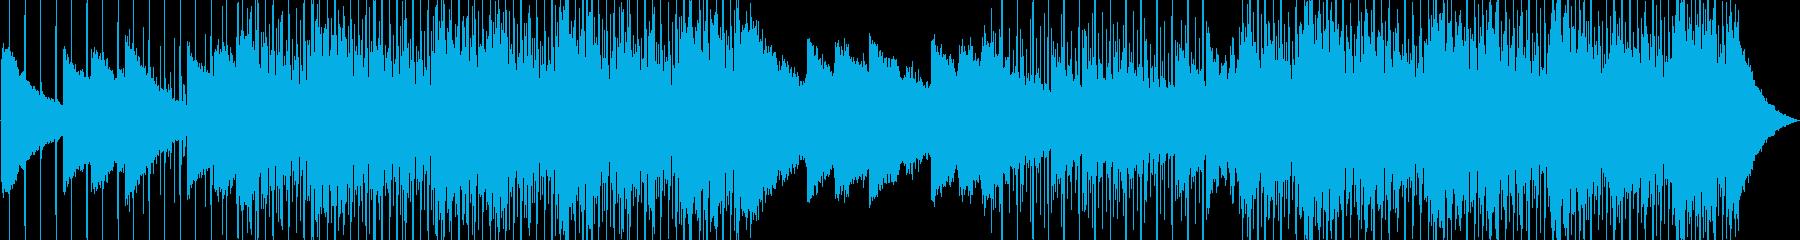 明るいポップミュージックの再生済みの波形